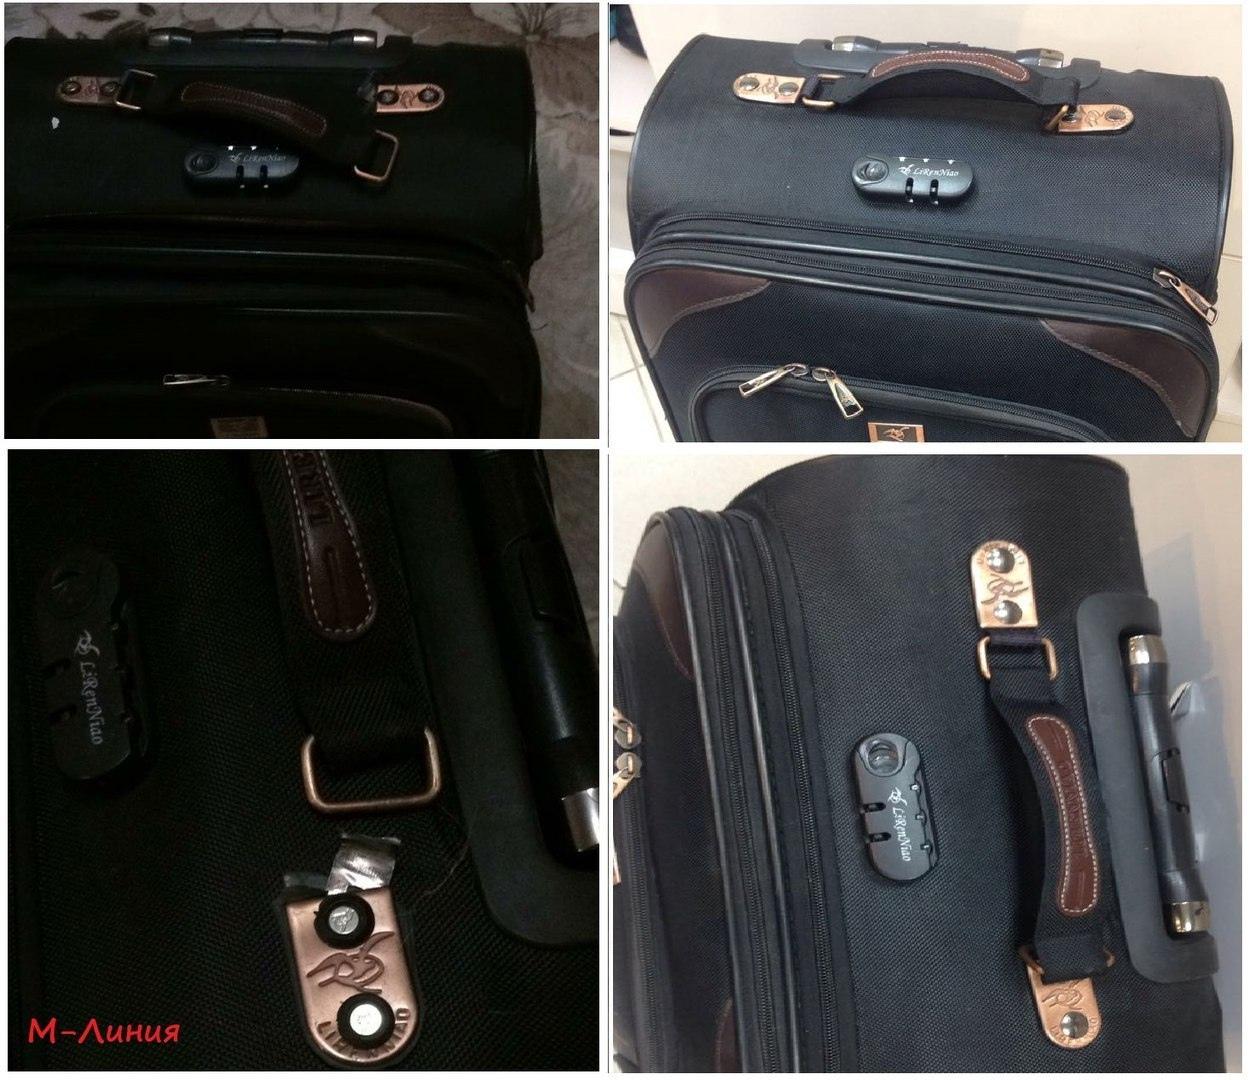 Ремонт ручки туристического чемодана в ателье сети М-Линия.